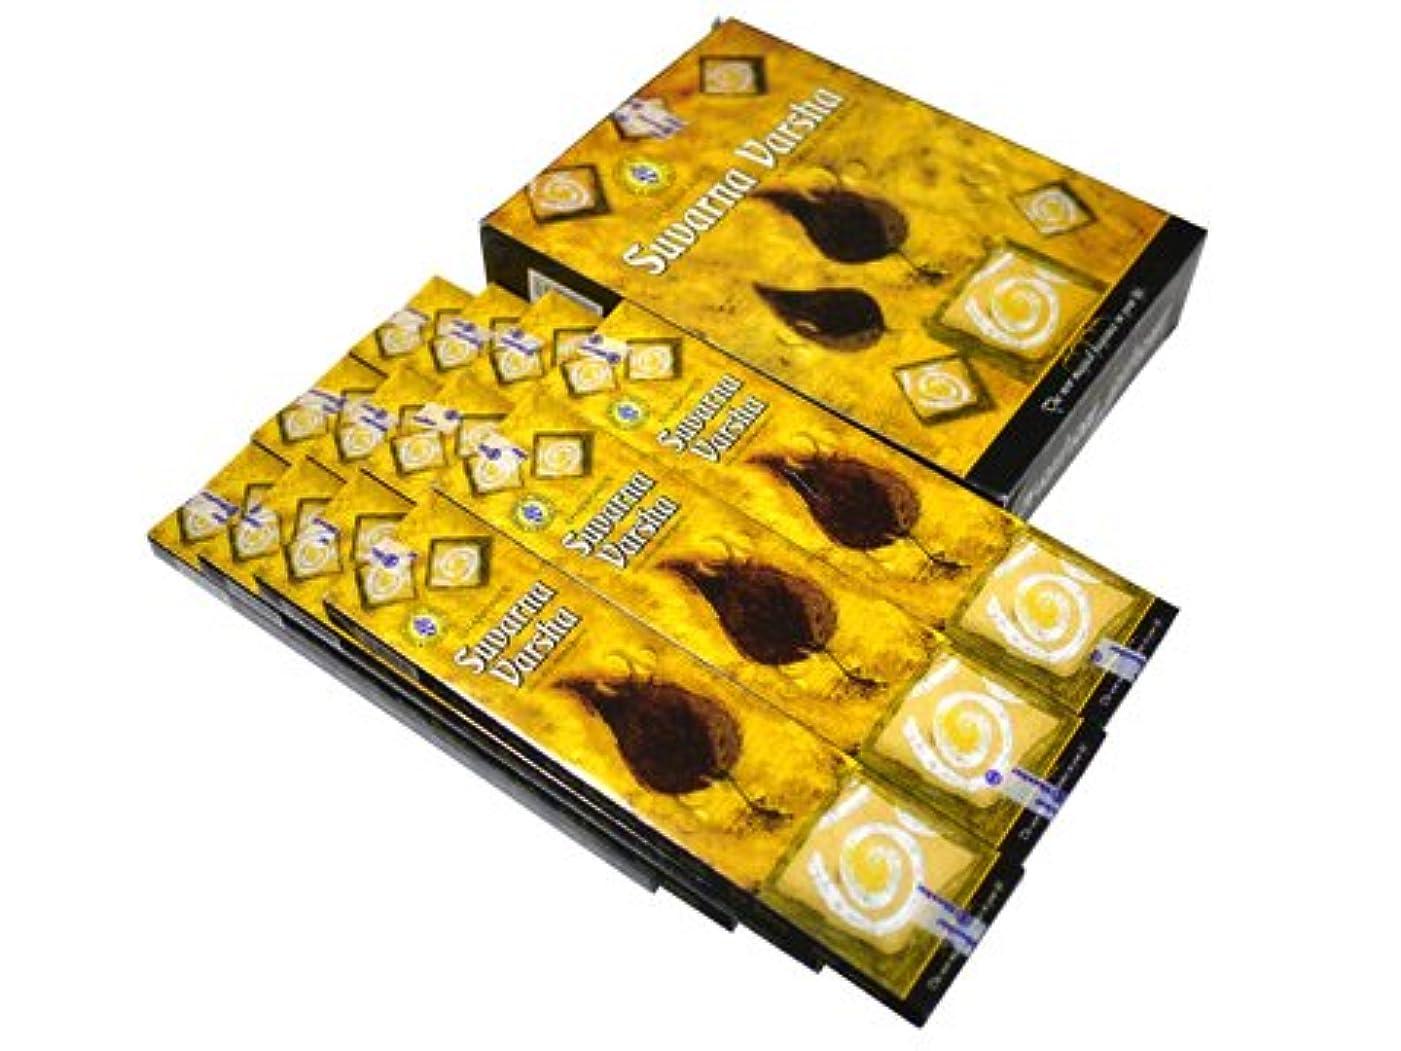 合金文明スーダンSHANKAR'S(シャンカーズ) スワルナワルシャ香 スティック SUVARNA VARSHA 12箱セット